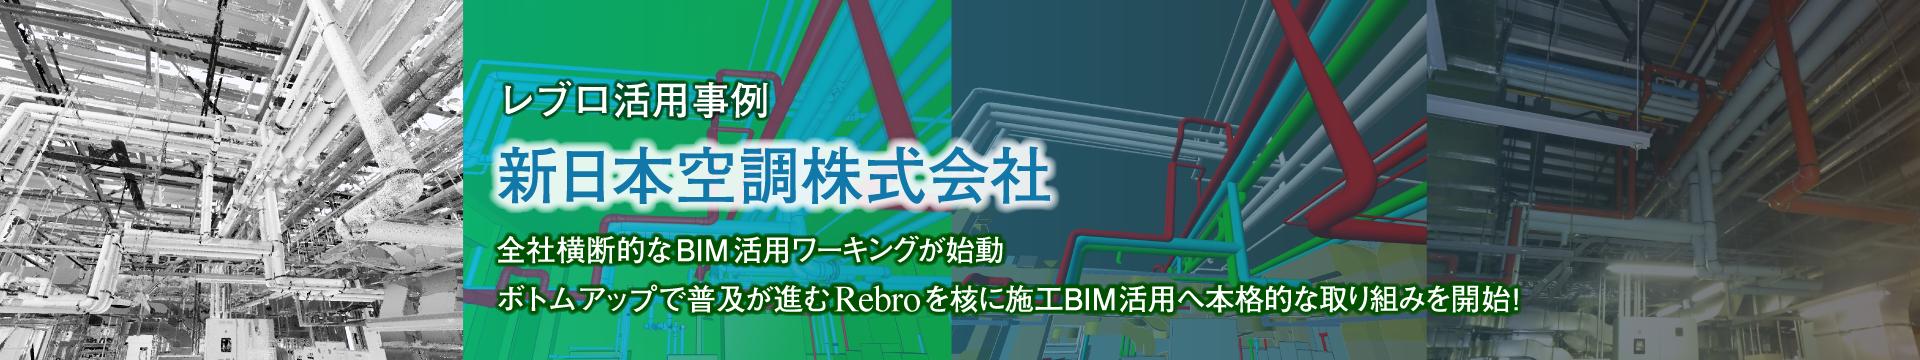 ユーザー事例 新日本空調株式会社